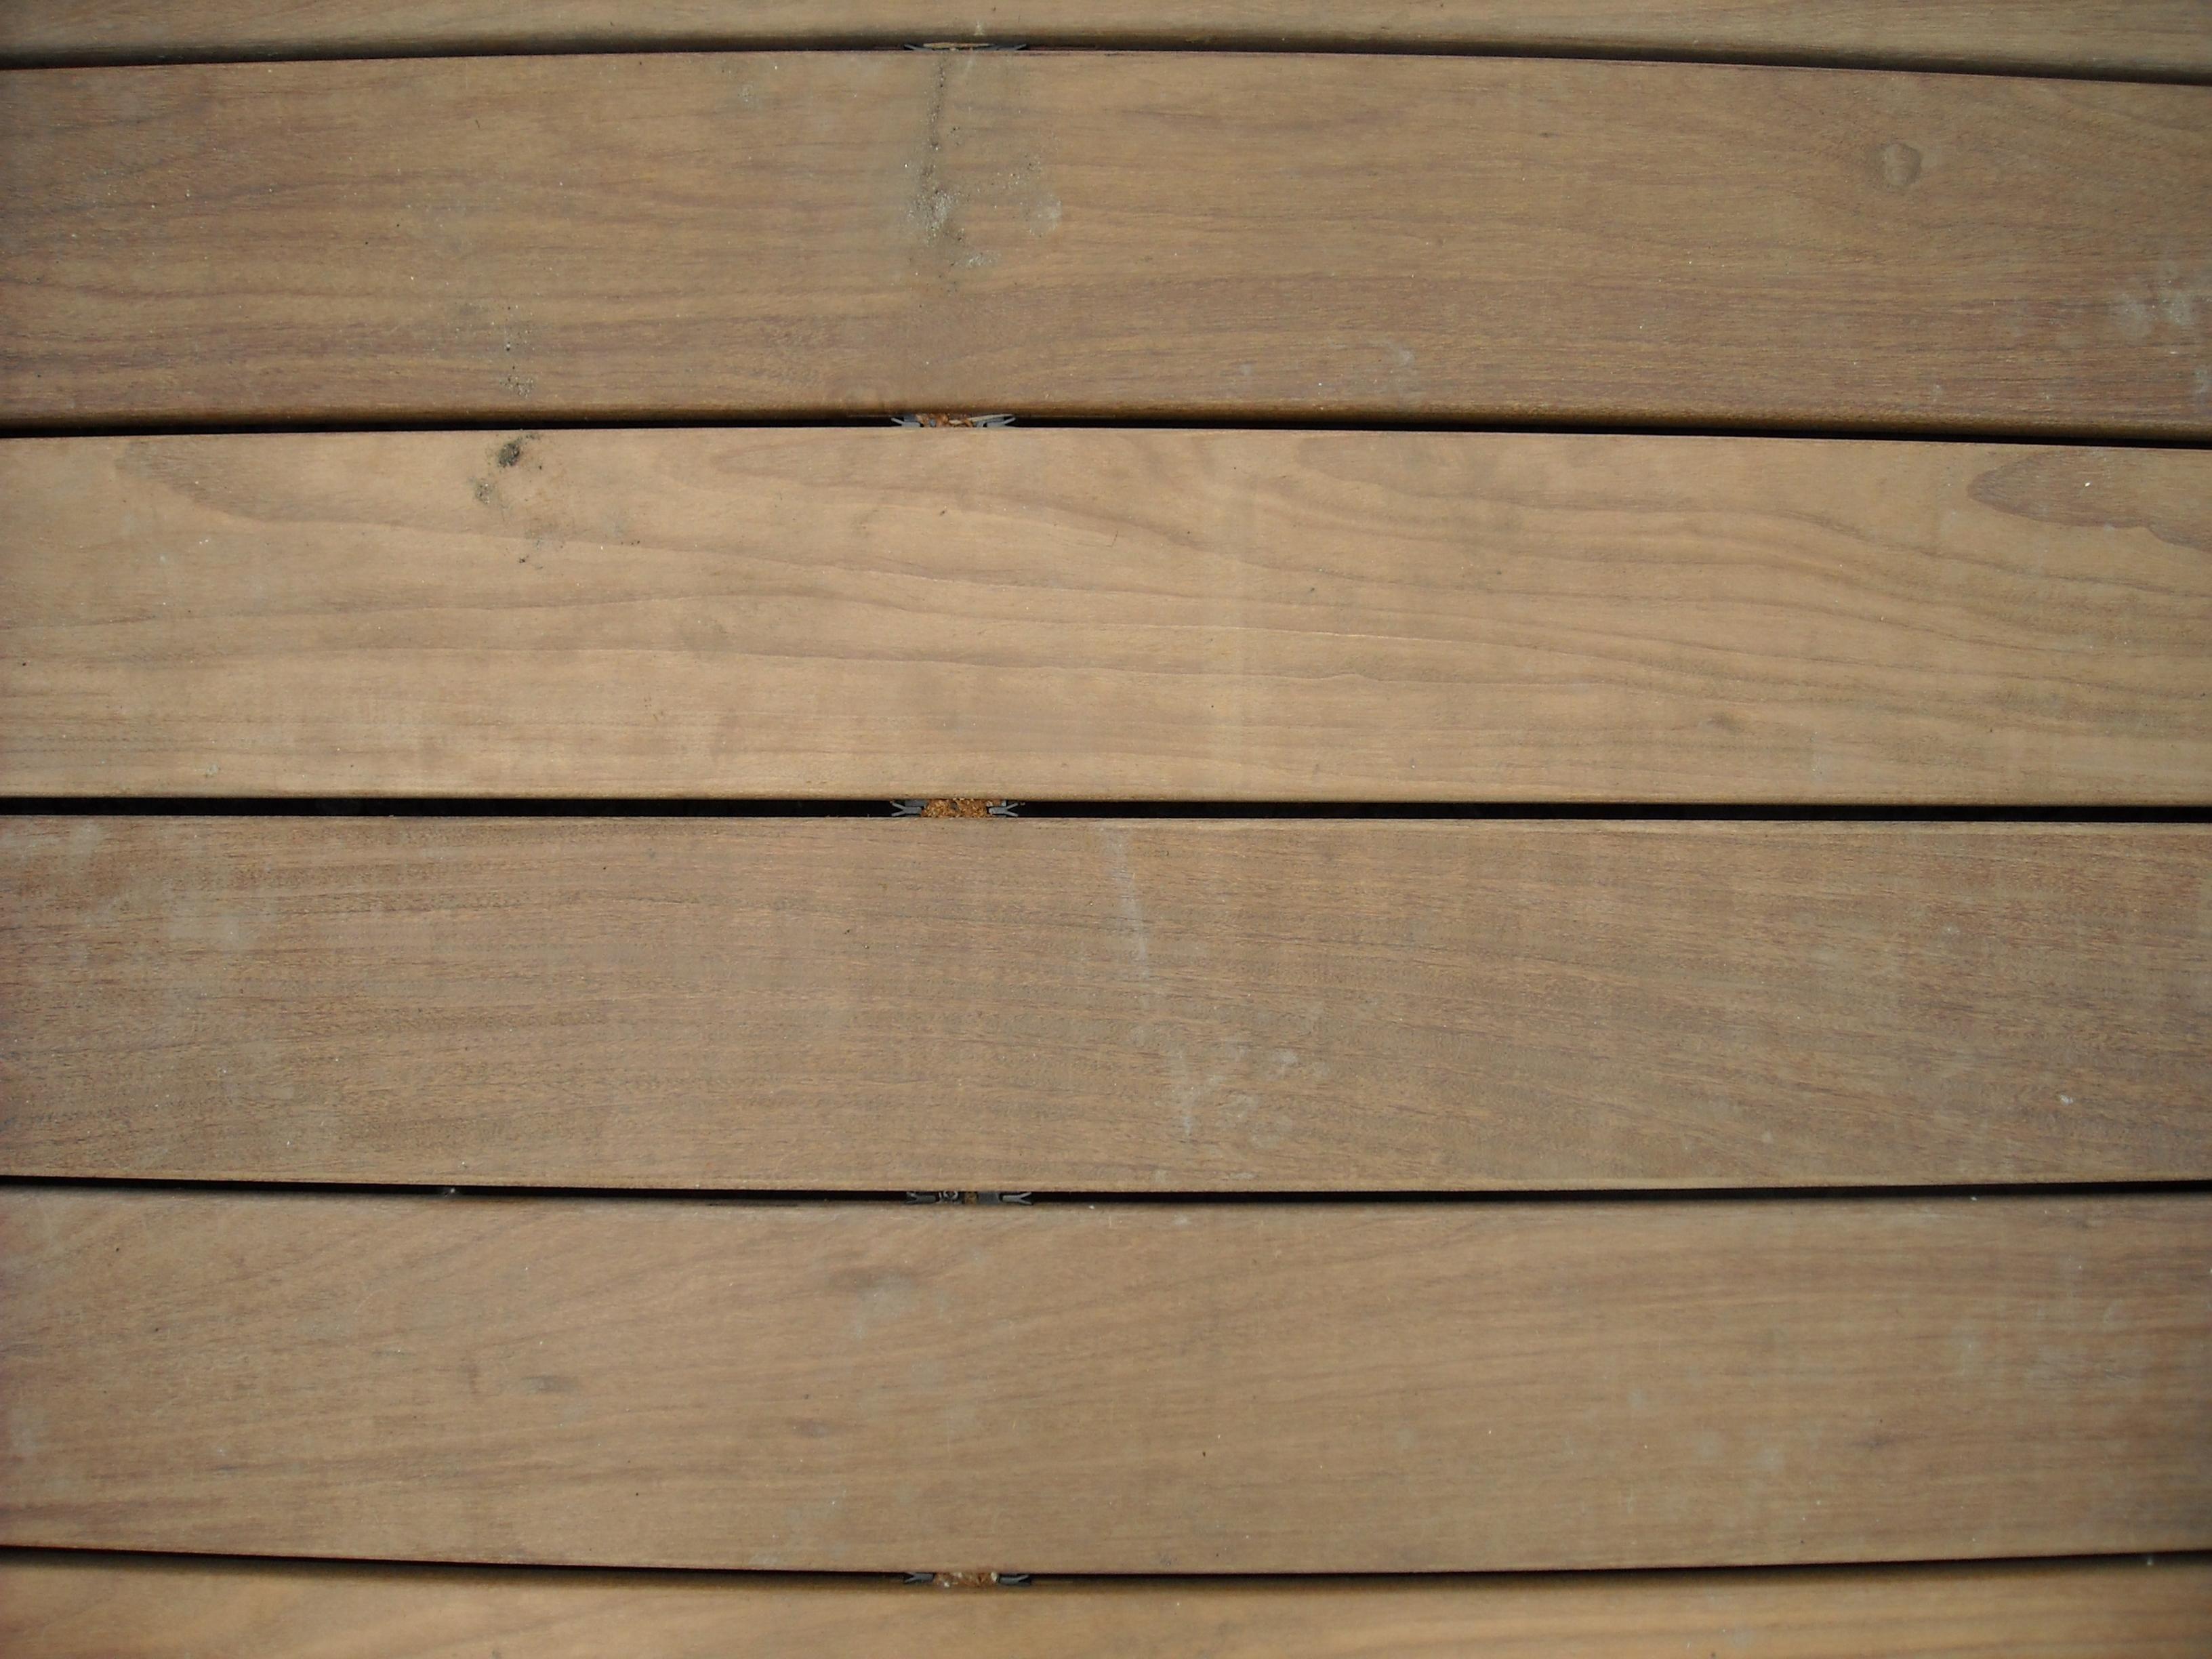 Foto gratis: legno modello struttura